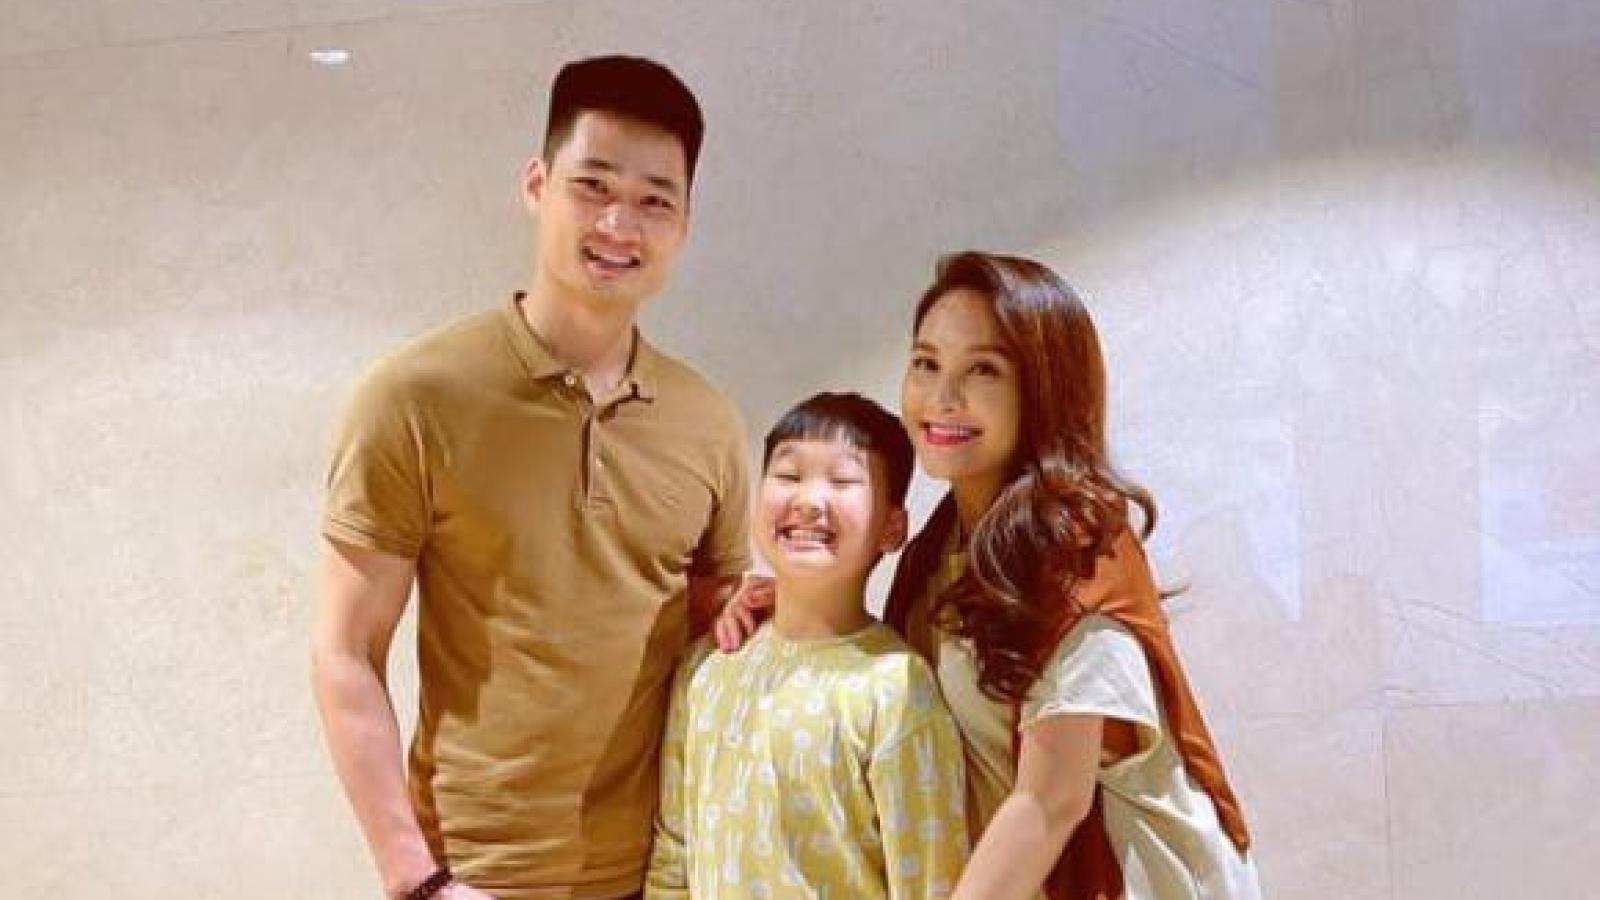 Chuyện showbiz: Bảo Thanh khoe ảnh gợi cảm, để lộ bụng bầu ở tháng cuối thai kỳ